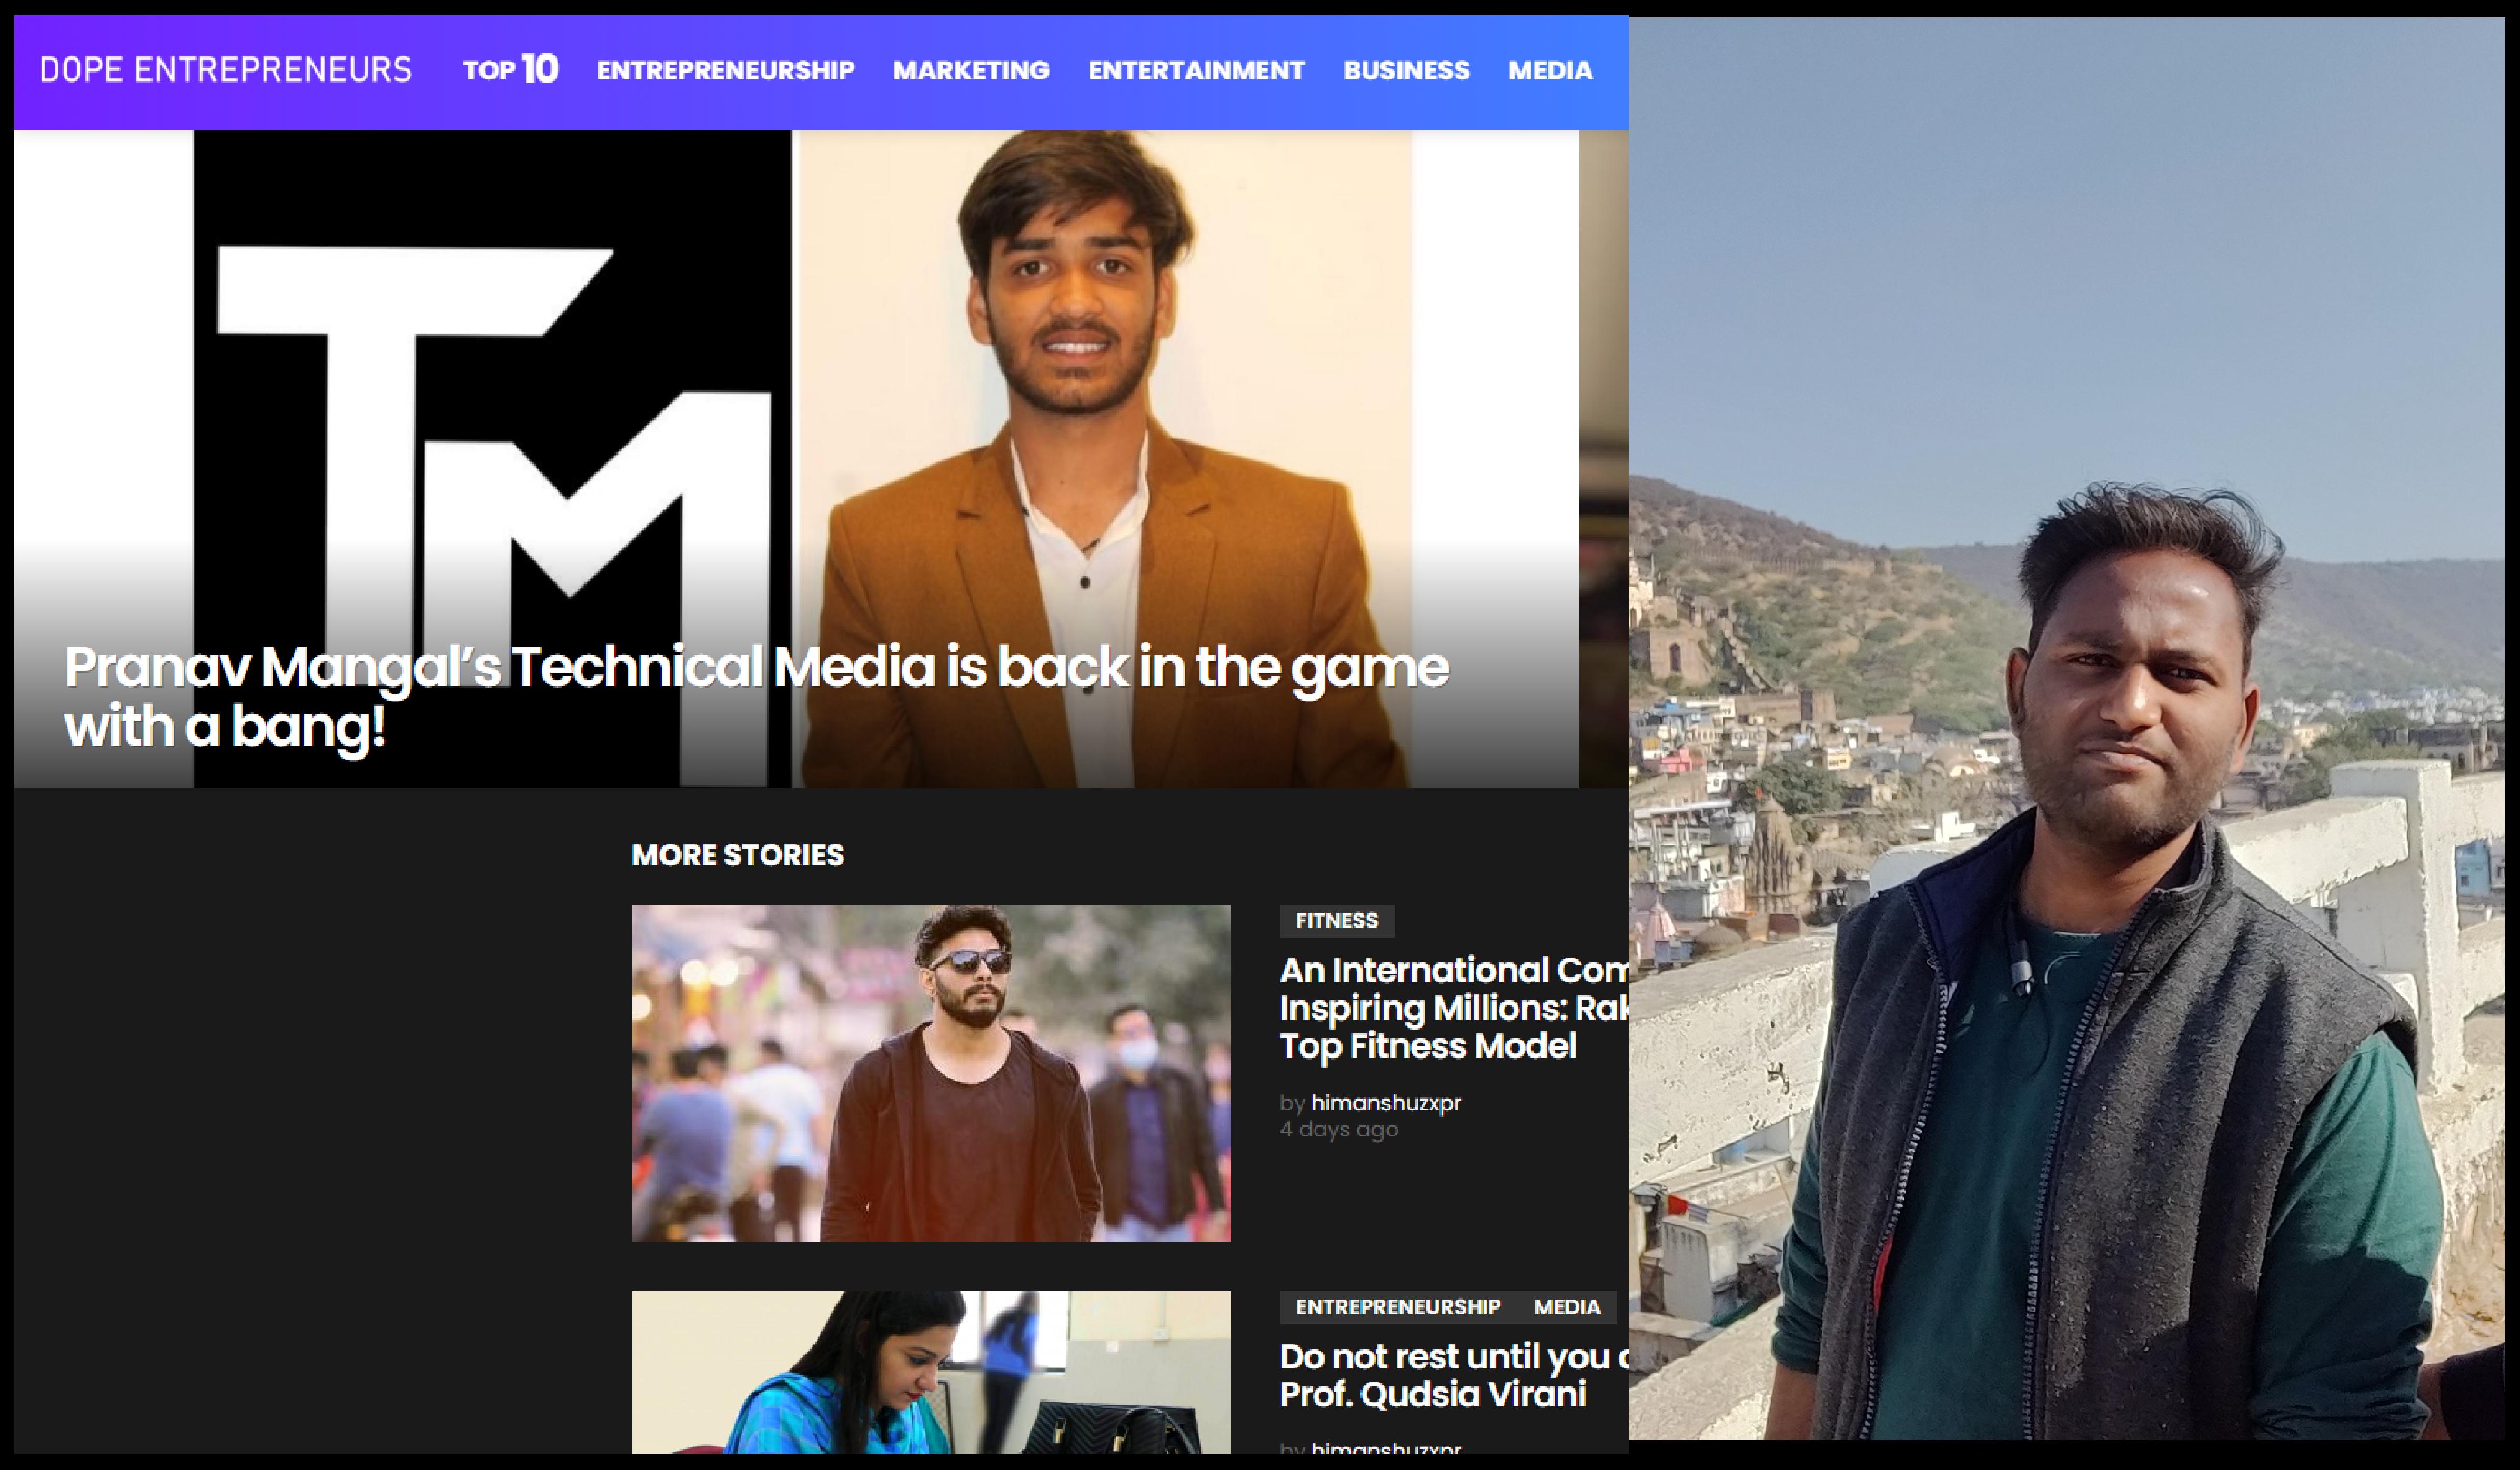 Himanshu Mahawar the Man Behind the Media Site Dope Entrepreneurs.